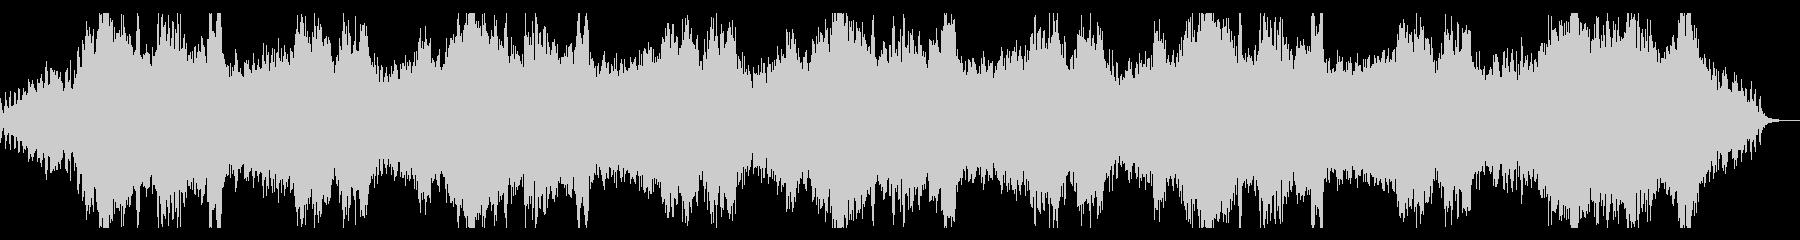 シネマチックで淡々とダークなホラーBGMの未再生の波形